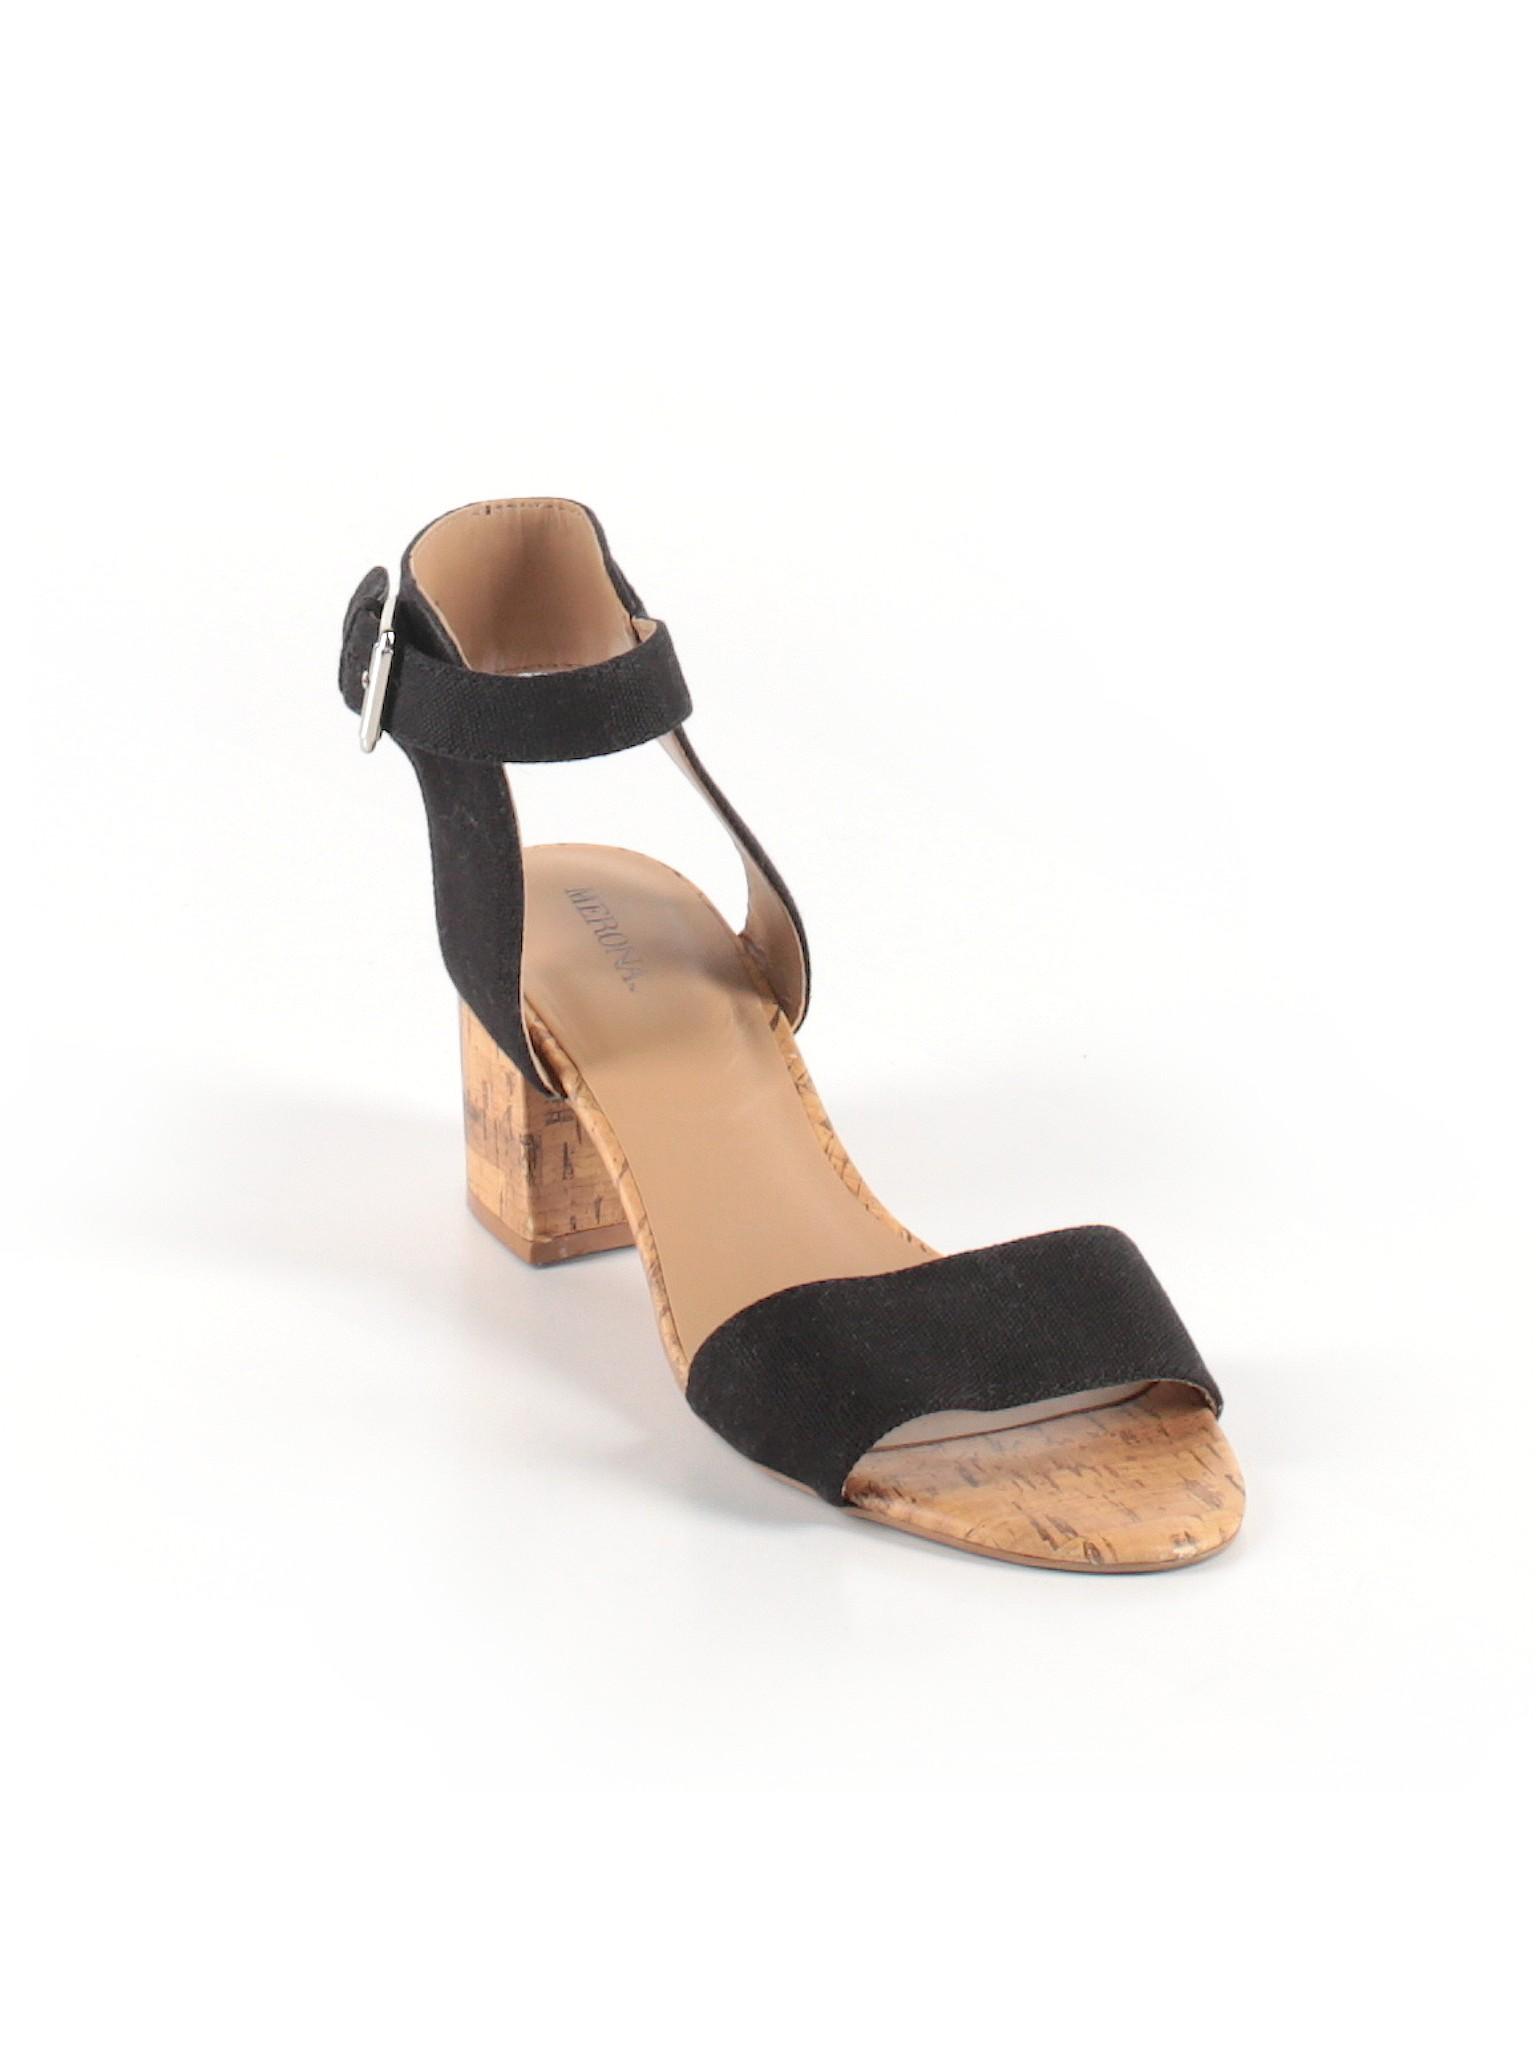 promotion Heels Boutique Merona Boutique promotion wE14qn7Zzn